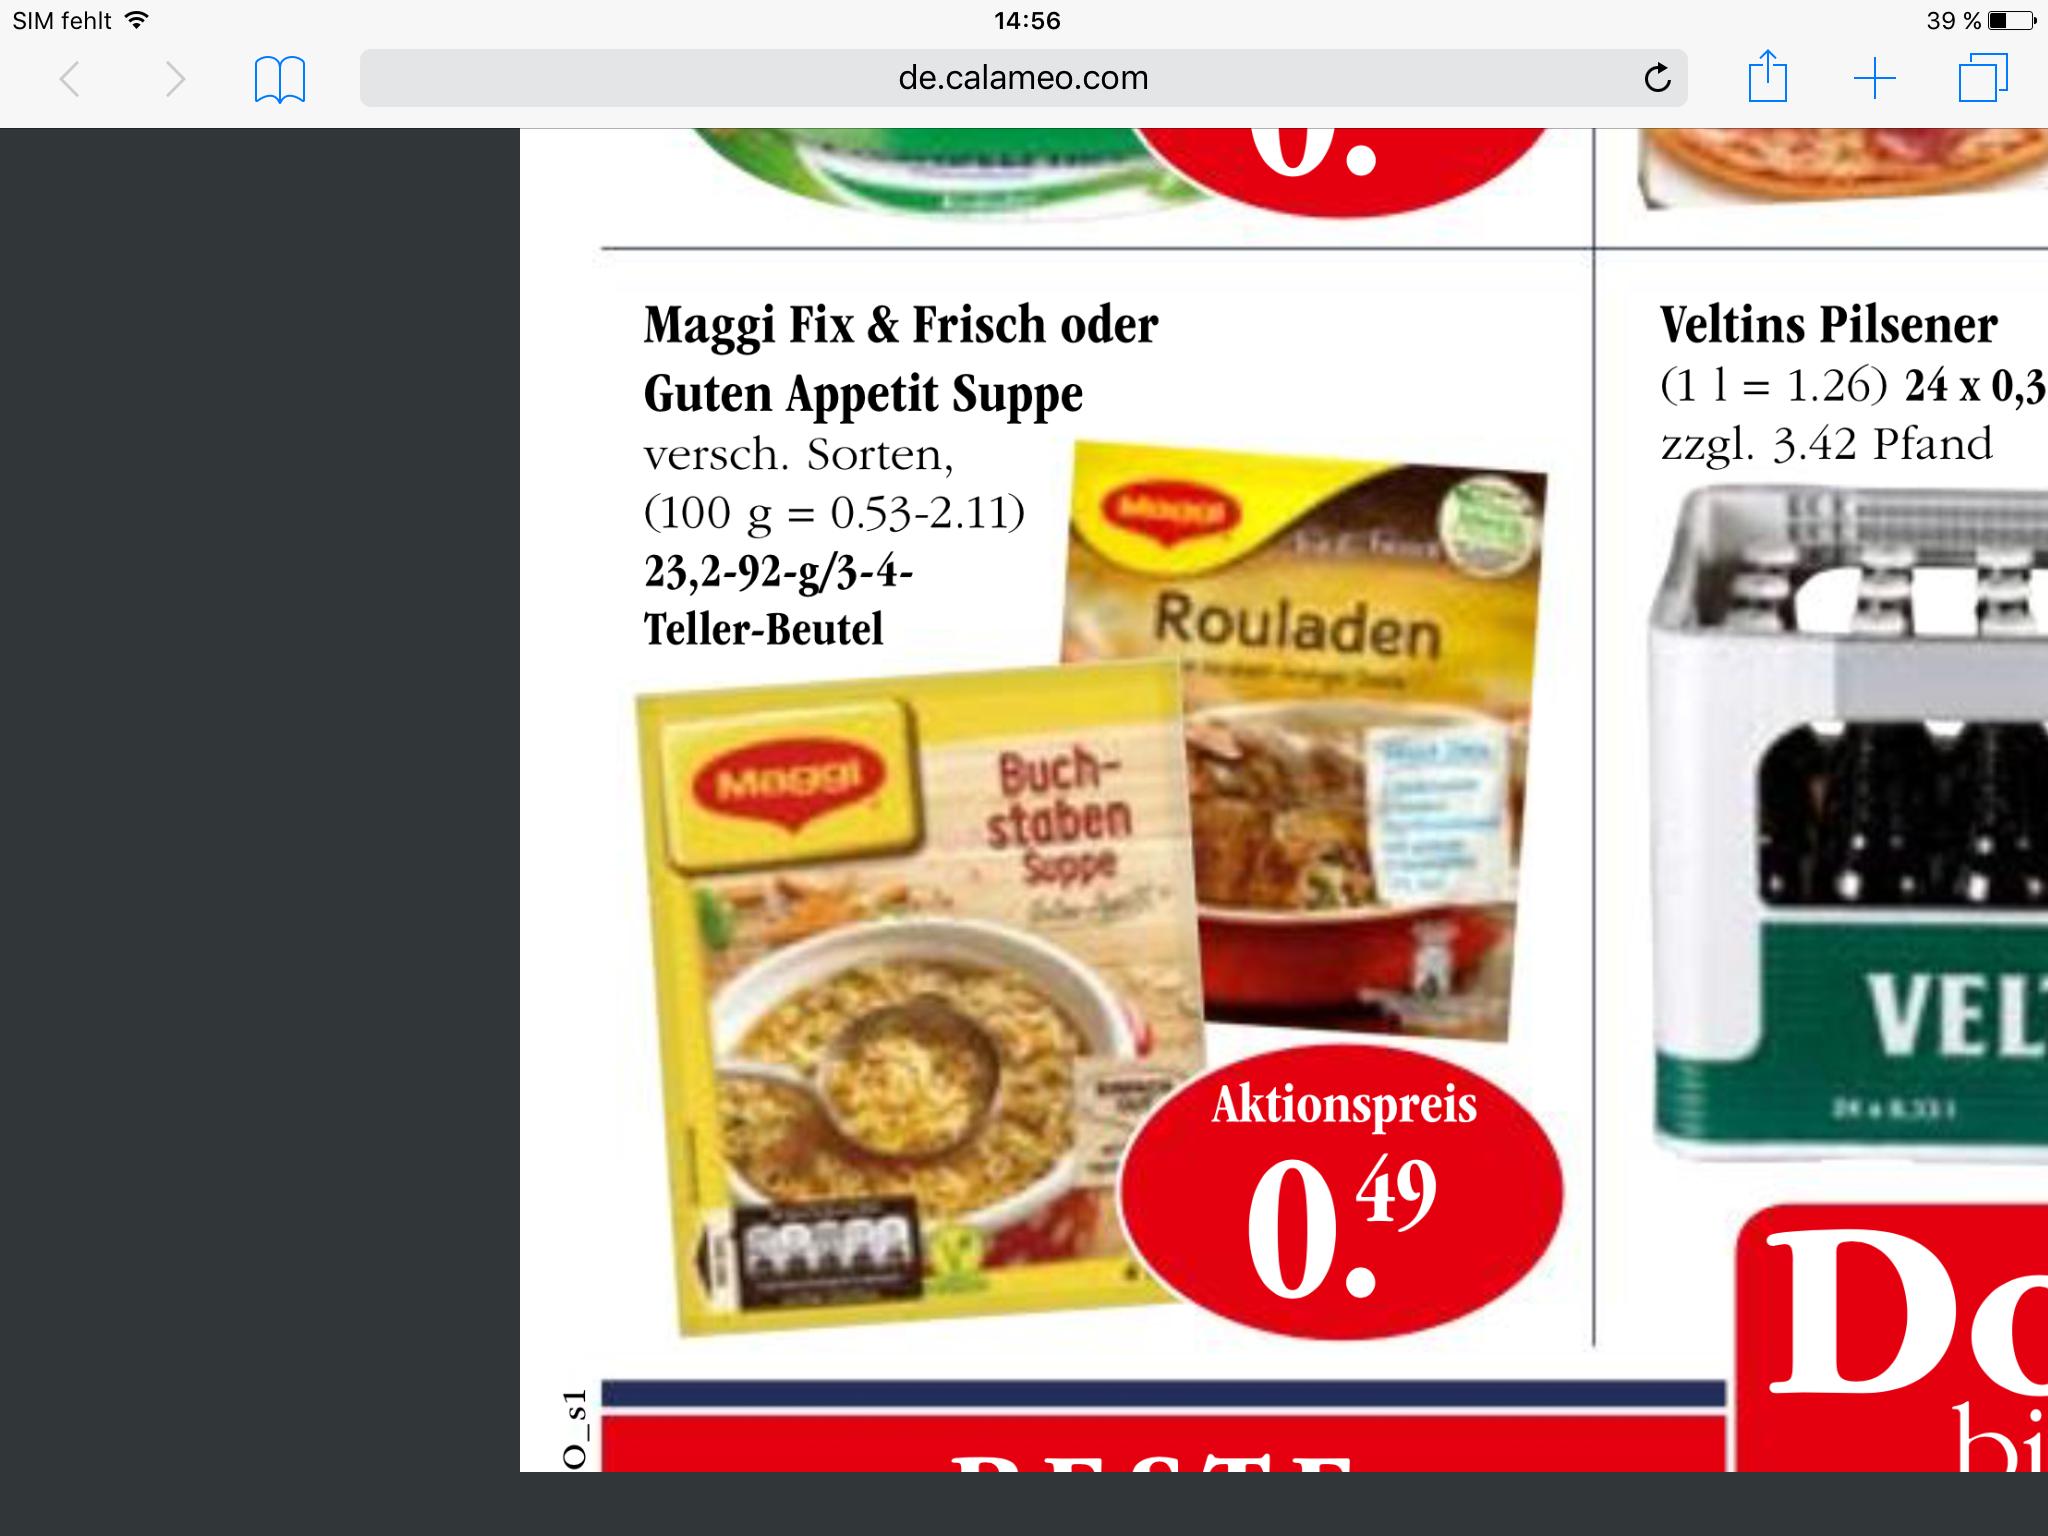 Sky Markt/ MAGGI FIX Produkte - 0,25 € mit Gutschein